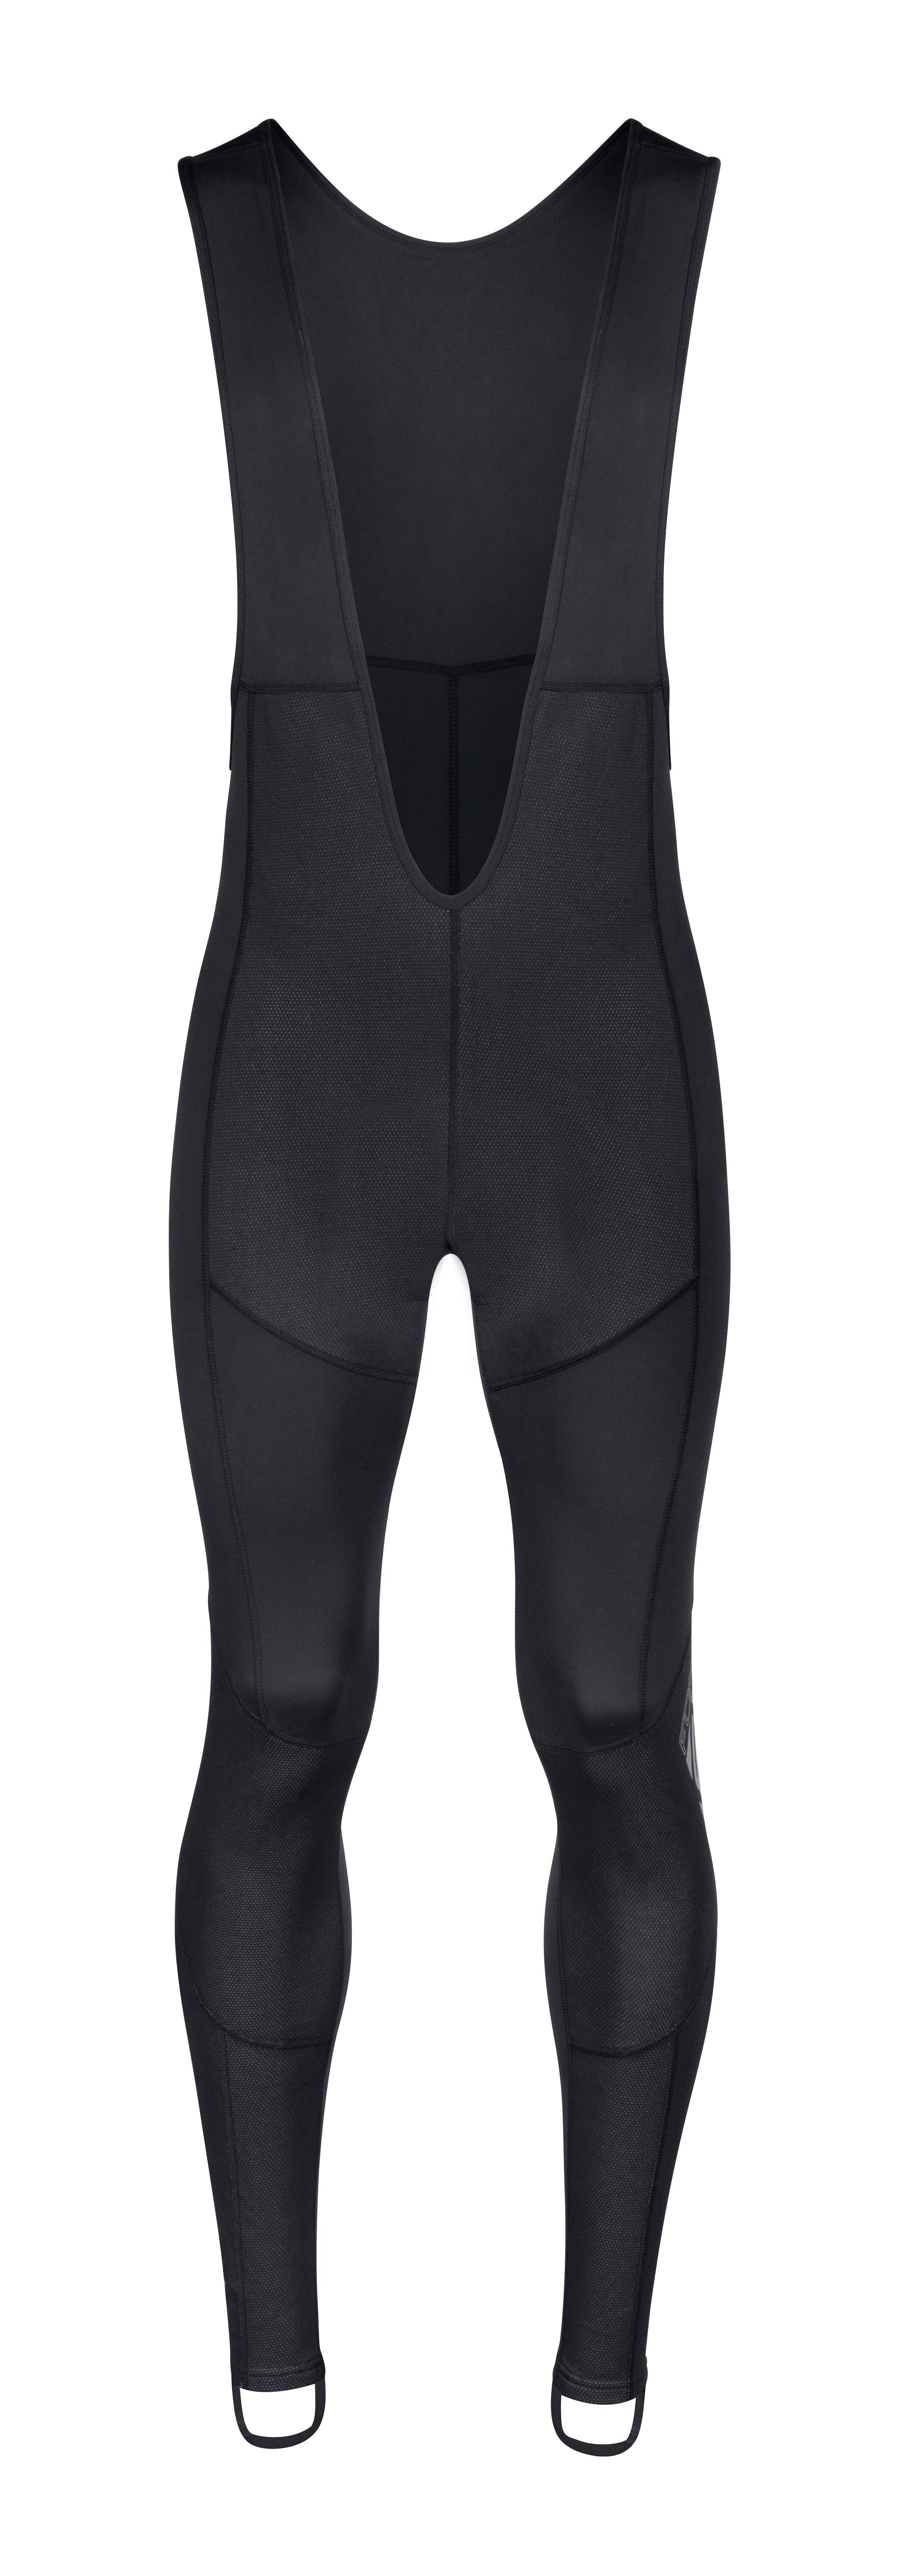 kalhoty F WINDSTER Z68 PRO se šráky bez vložky, XS